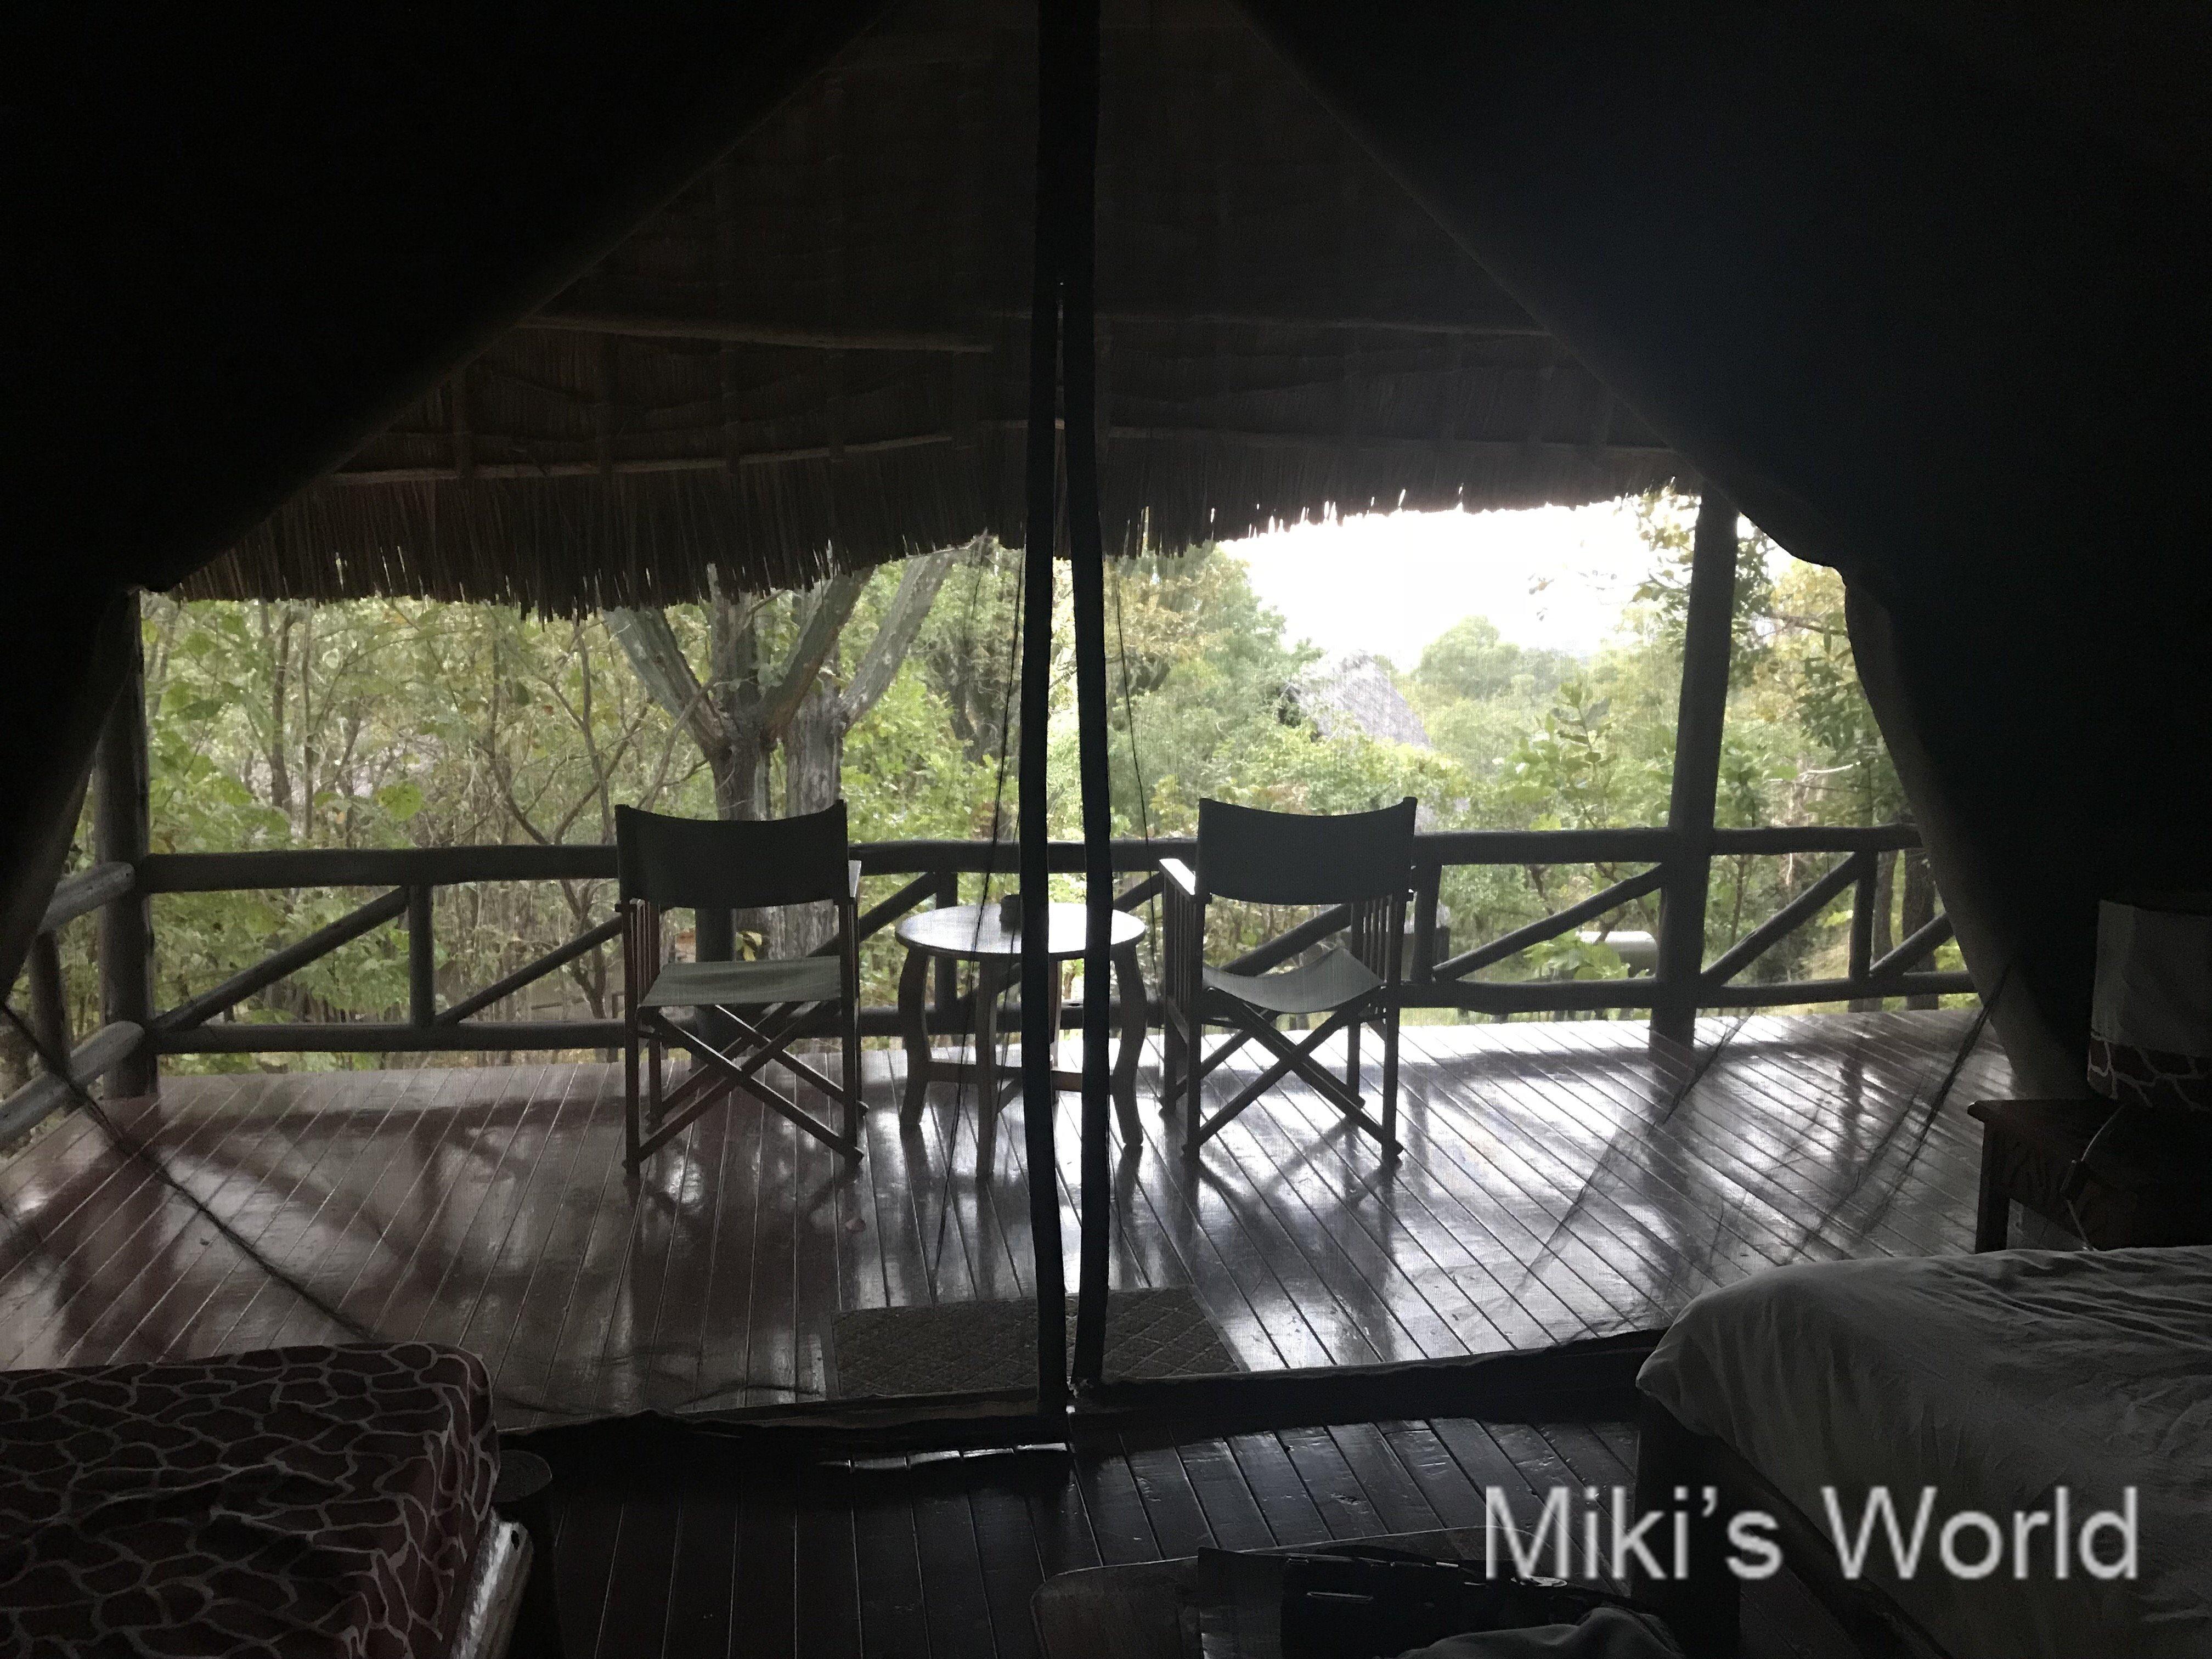 南部タンザニア ミクミ国立公園 ブマ ヒルズ ホテルからおはようございます!